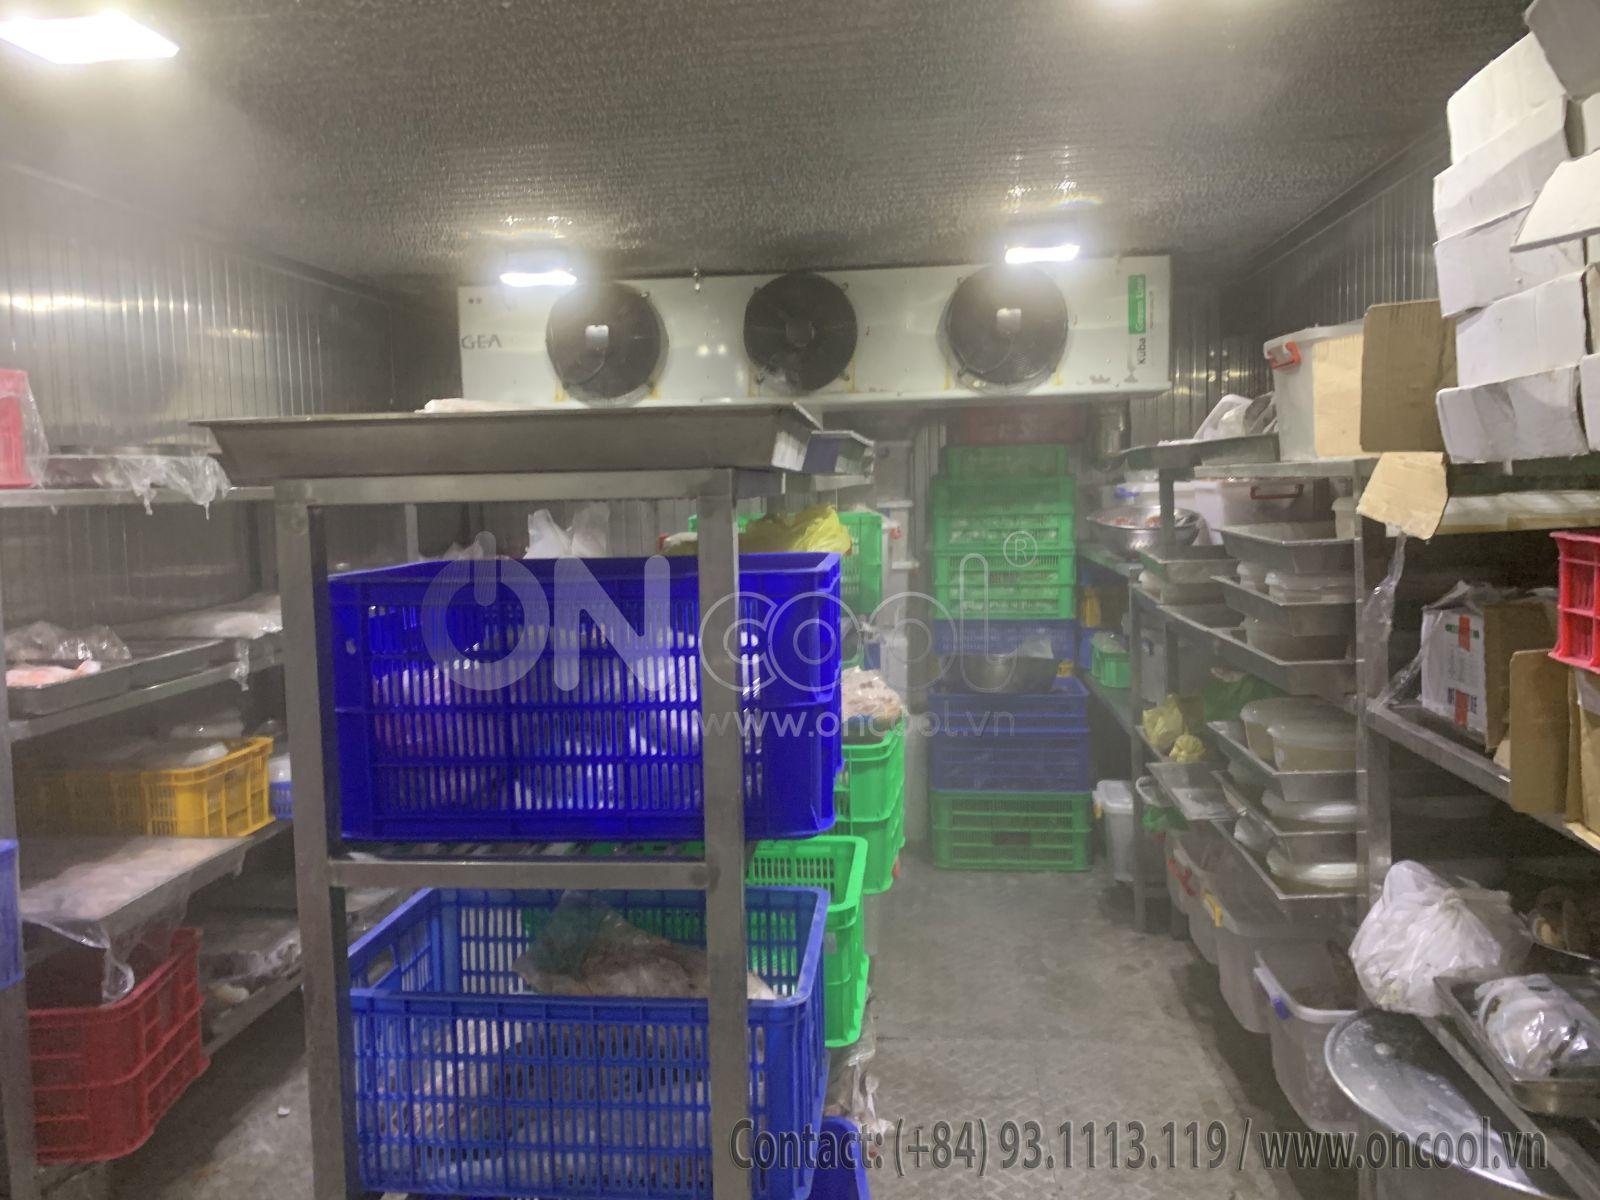 Thi cong kho lạnh tại chợ nông sản Thủ Đức